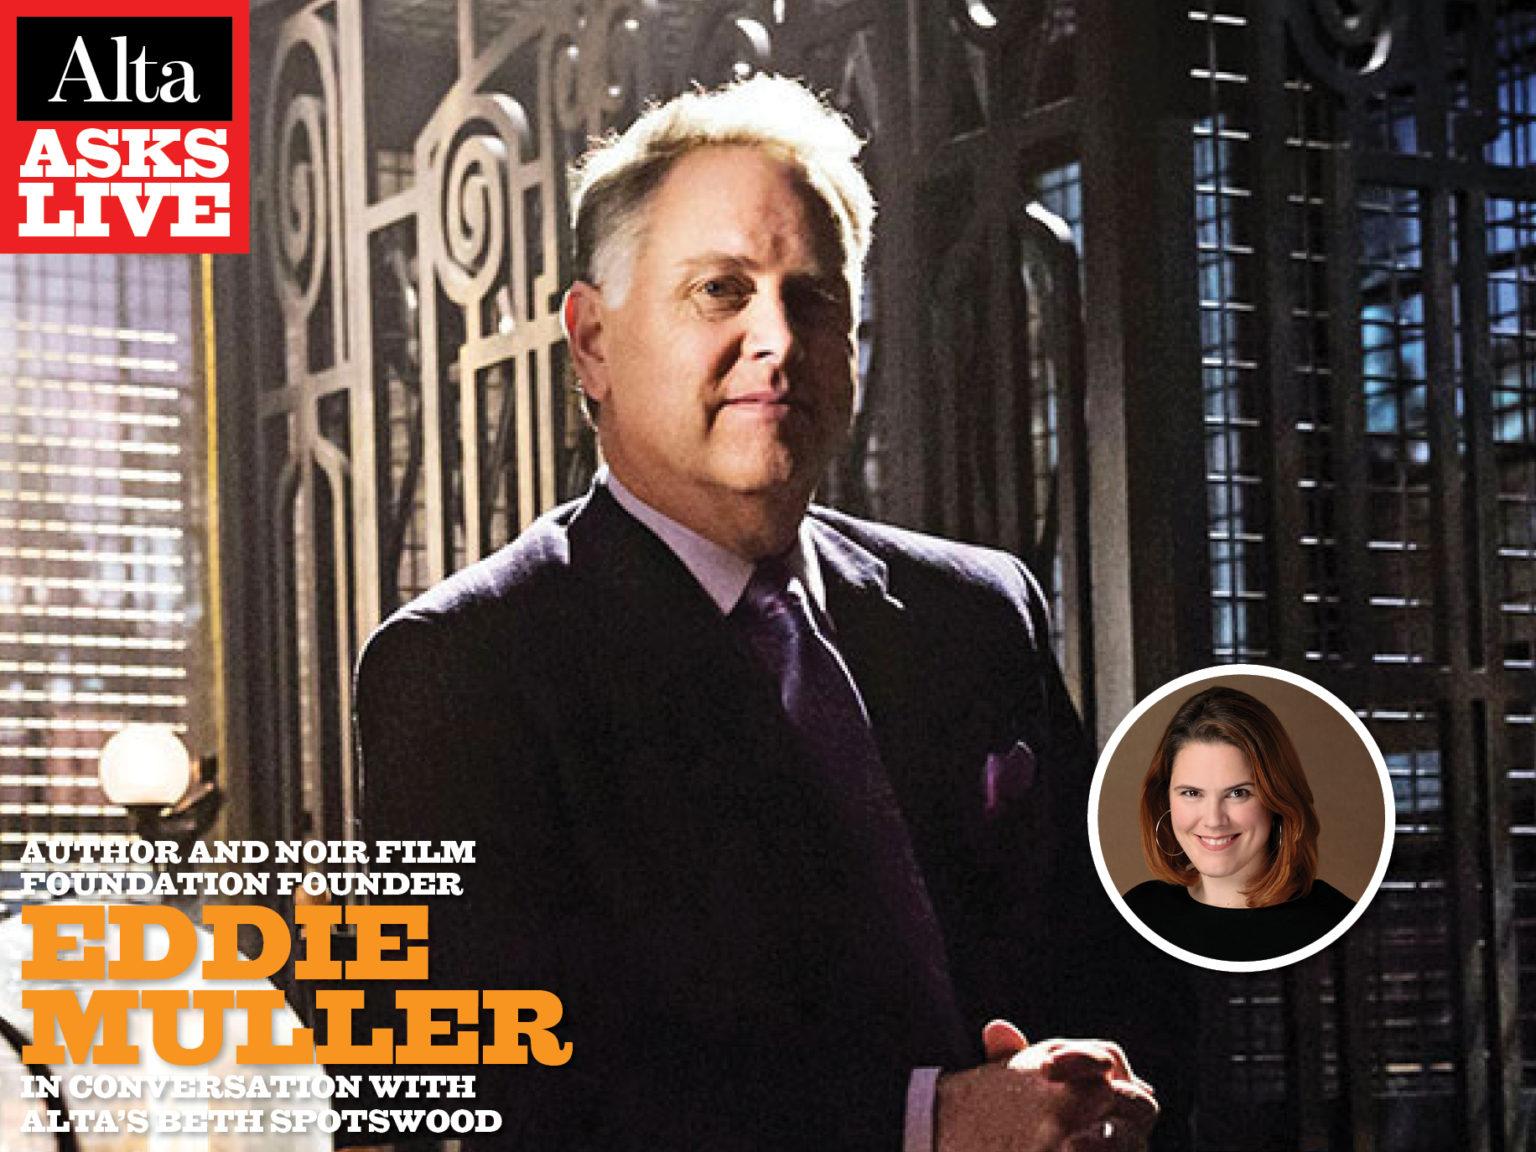 Alta Asks Live: Eddie Muller